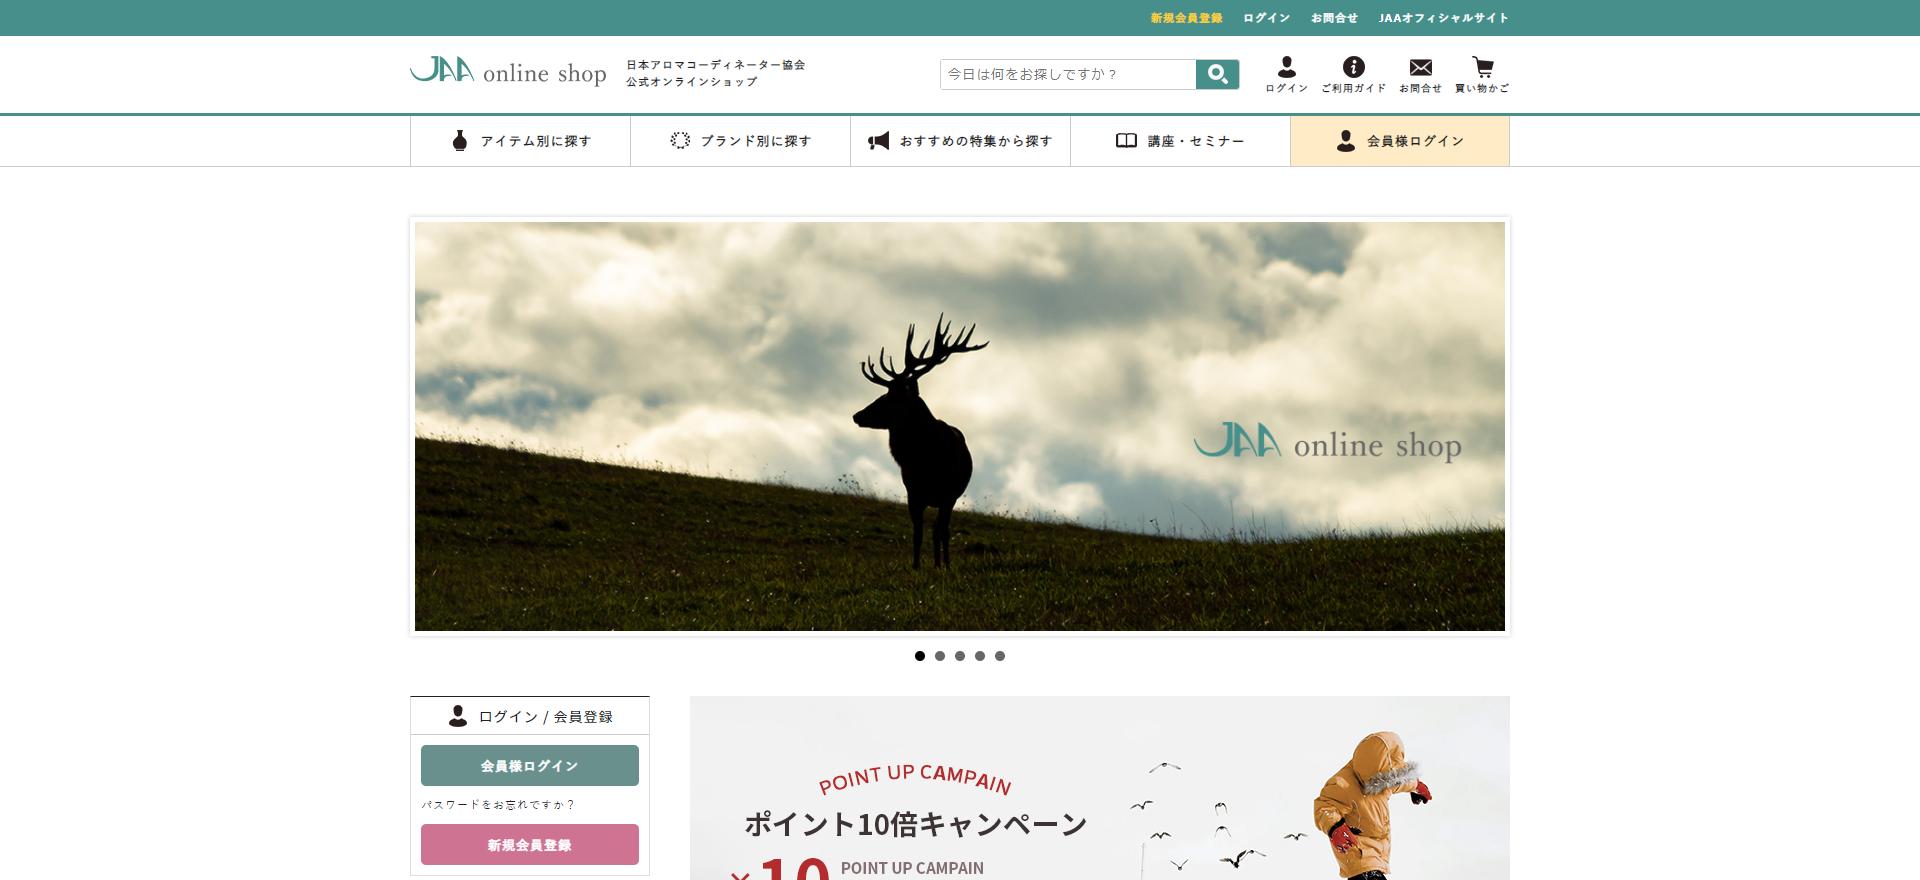 日本アロマコーディネーター協会 公式オンラインショップ